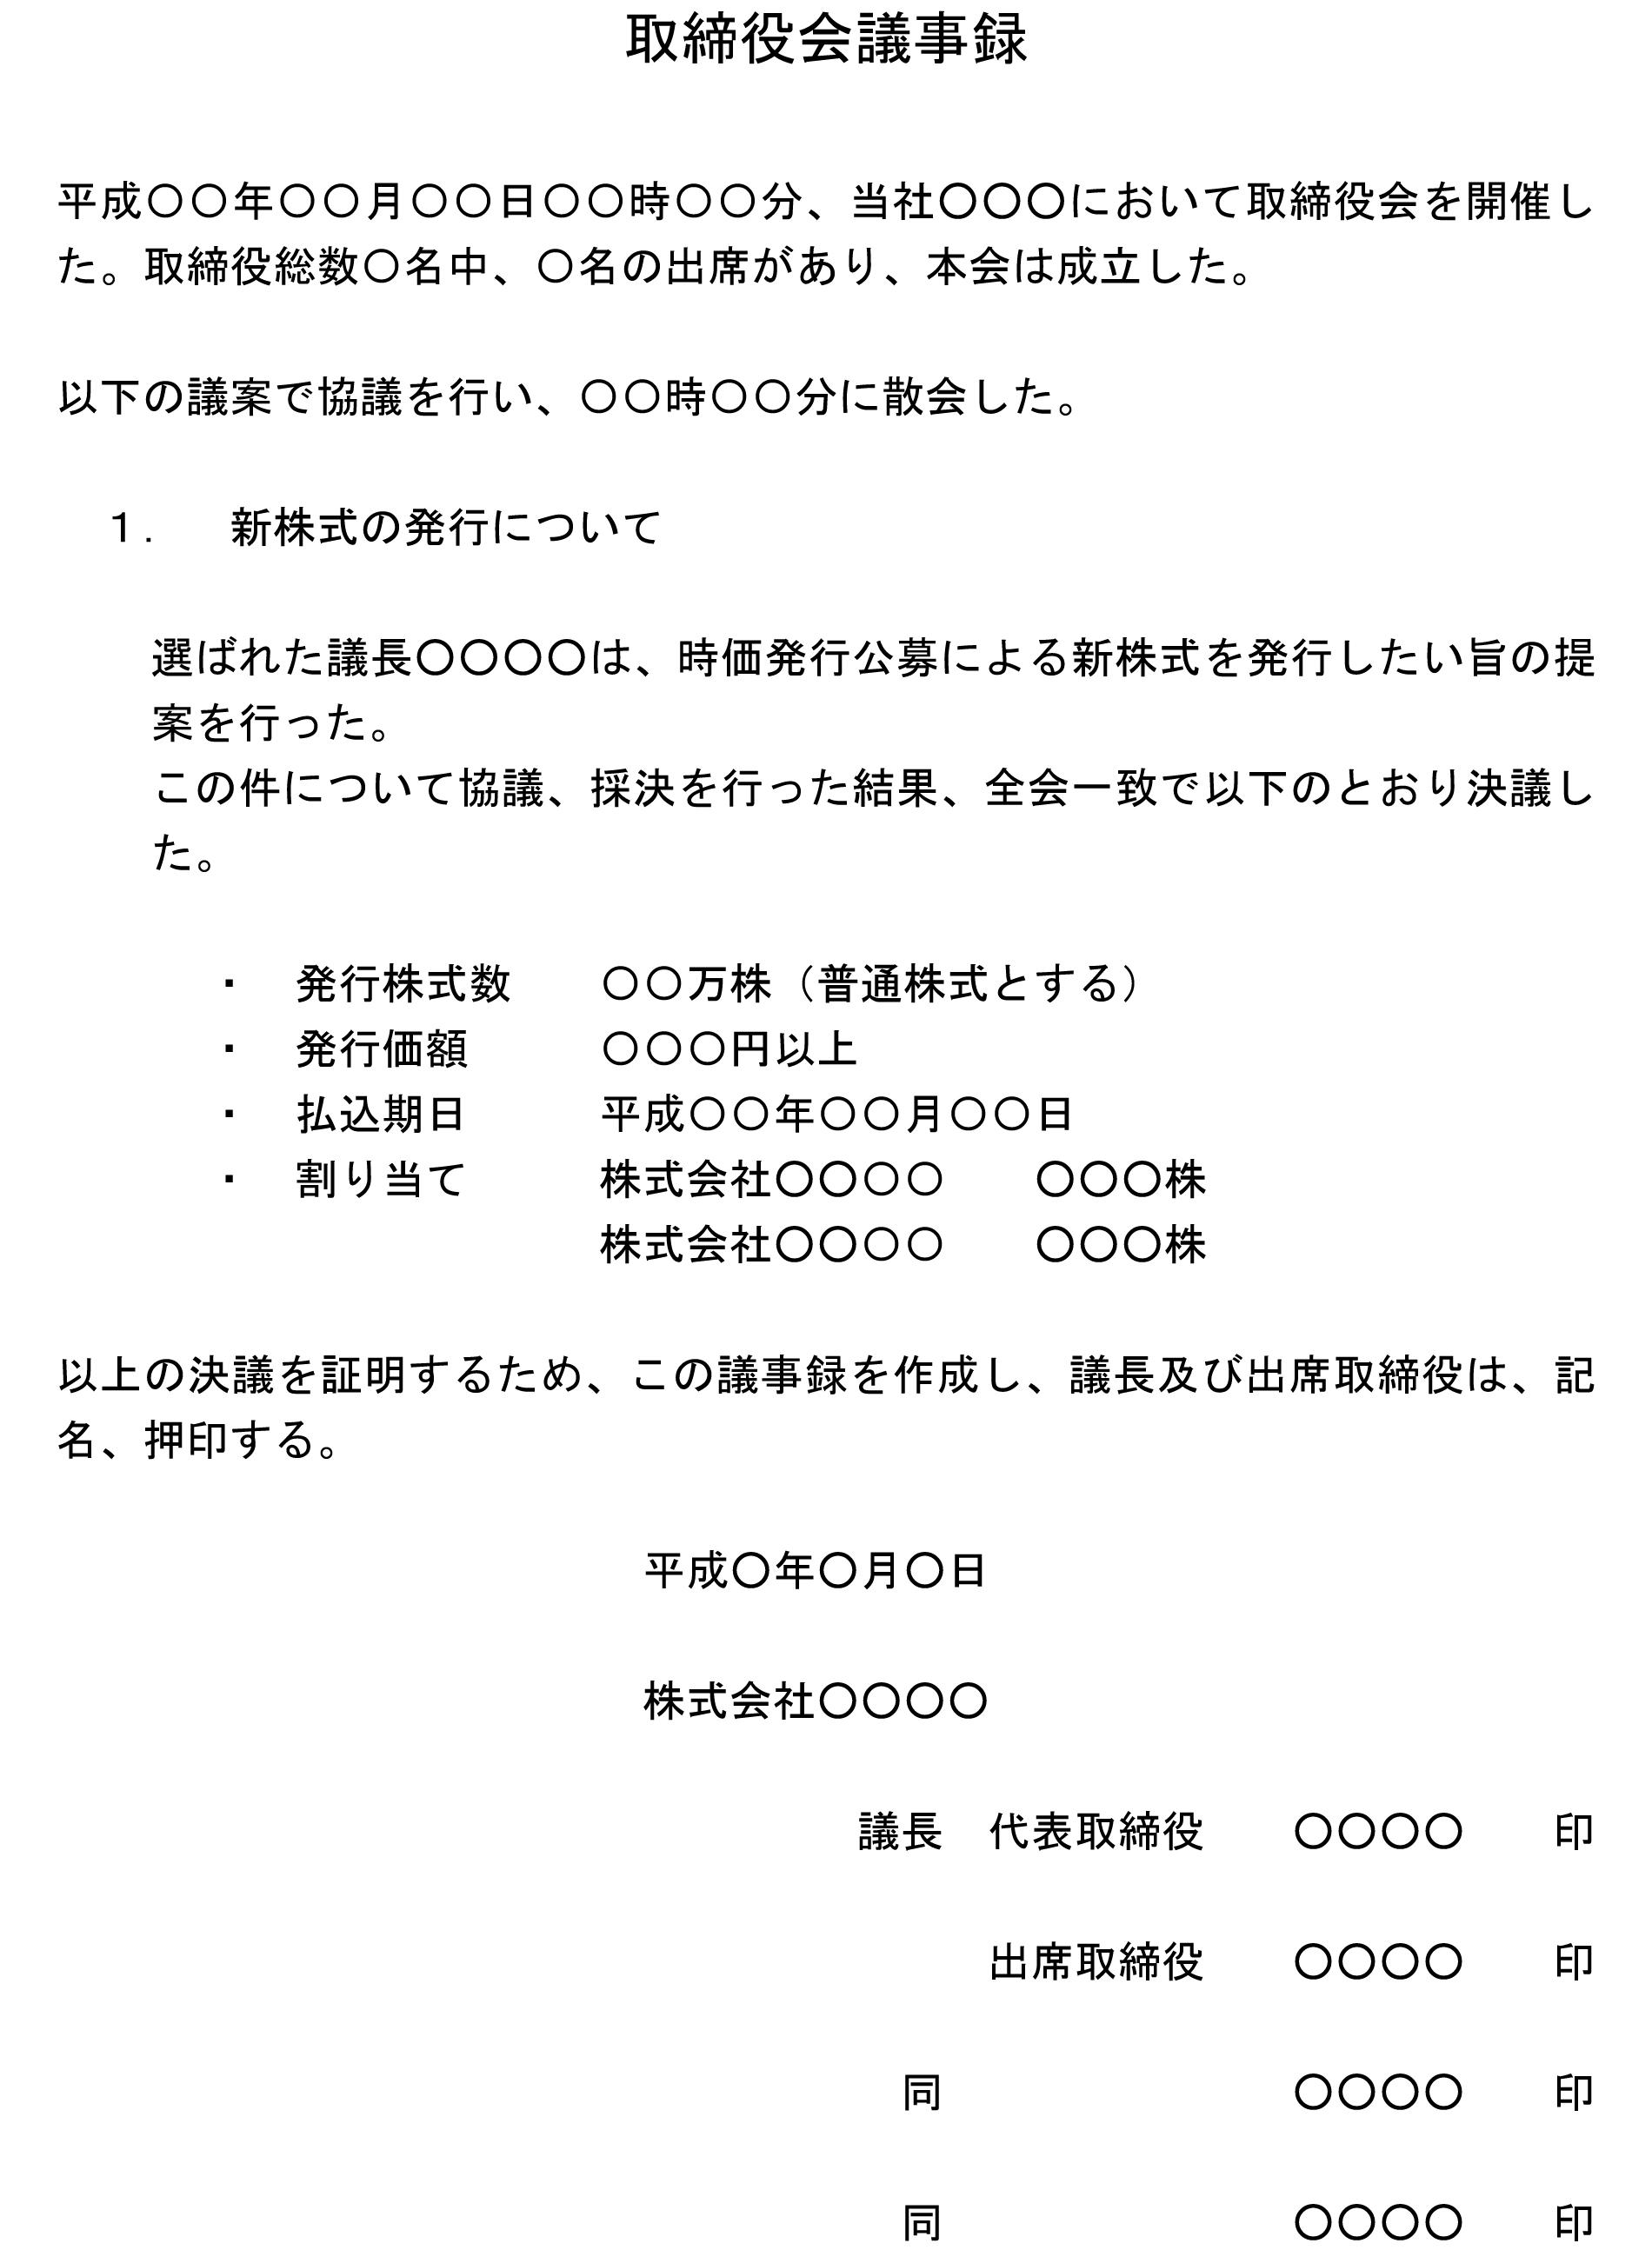 取締役会議事録(新株発行)01